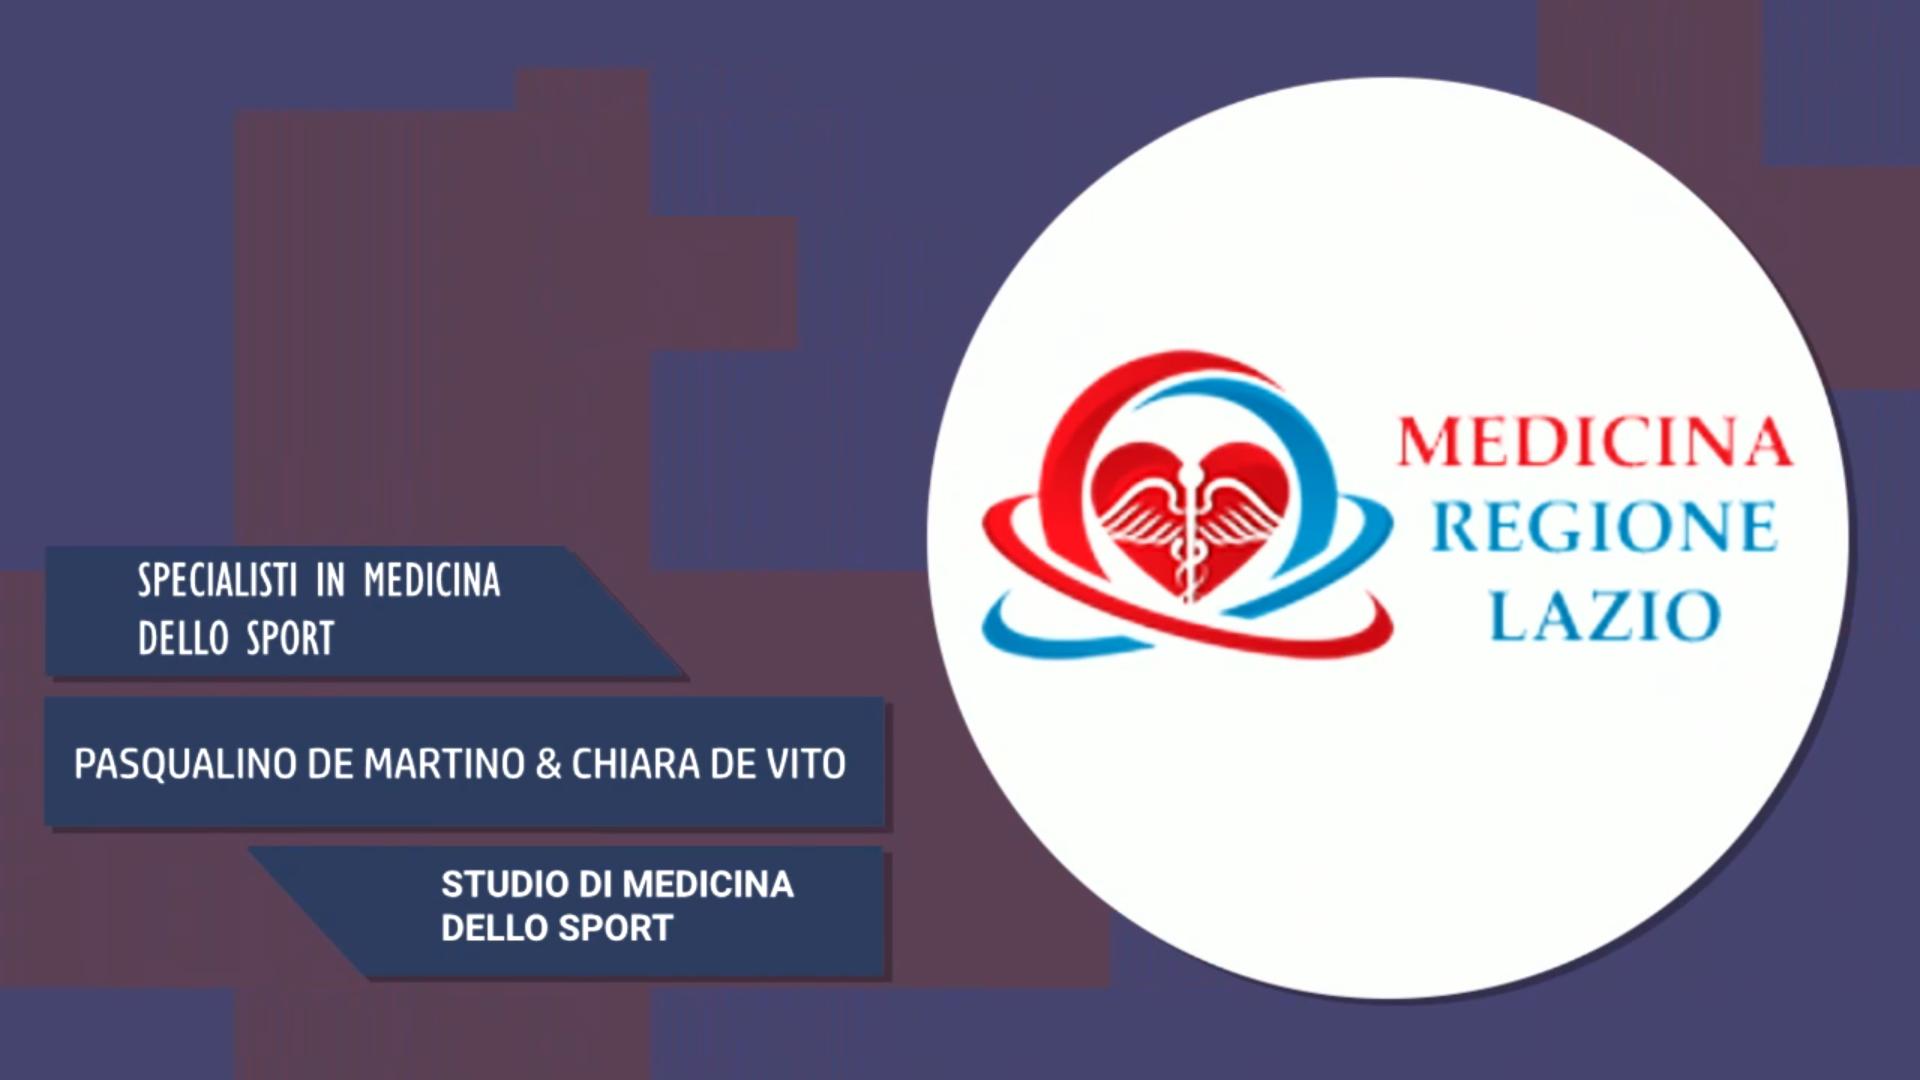 Intervista a Pasqualino De Martino & Chiara De Vito – Studio di medicina dello sport